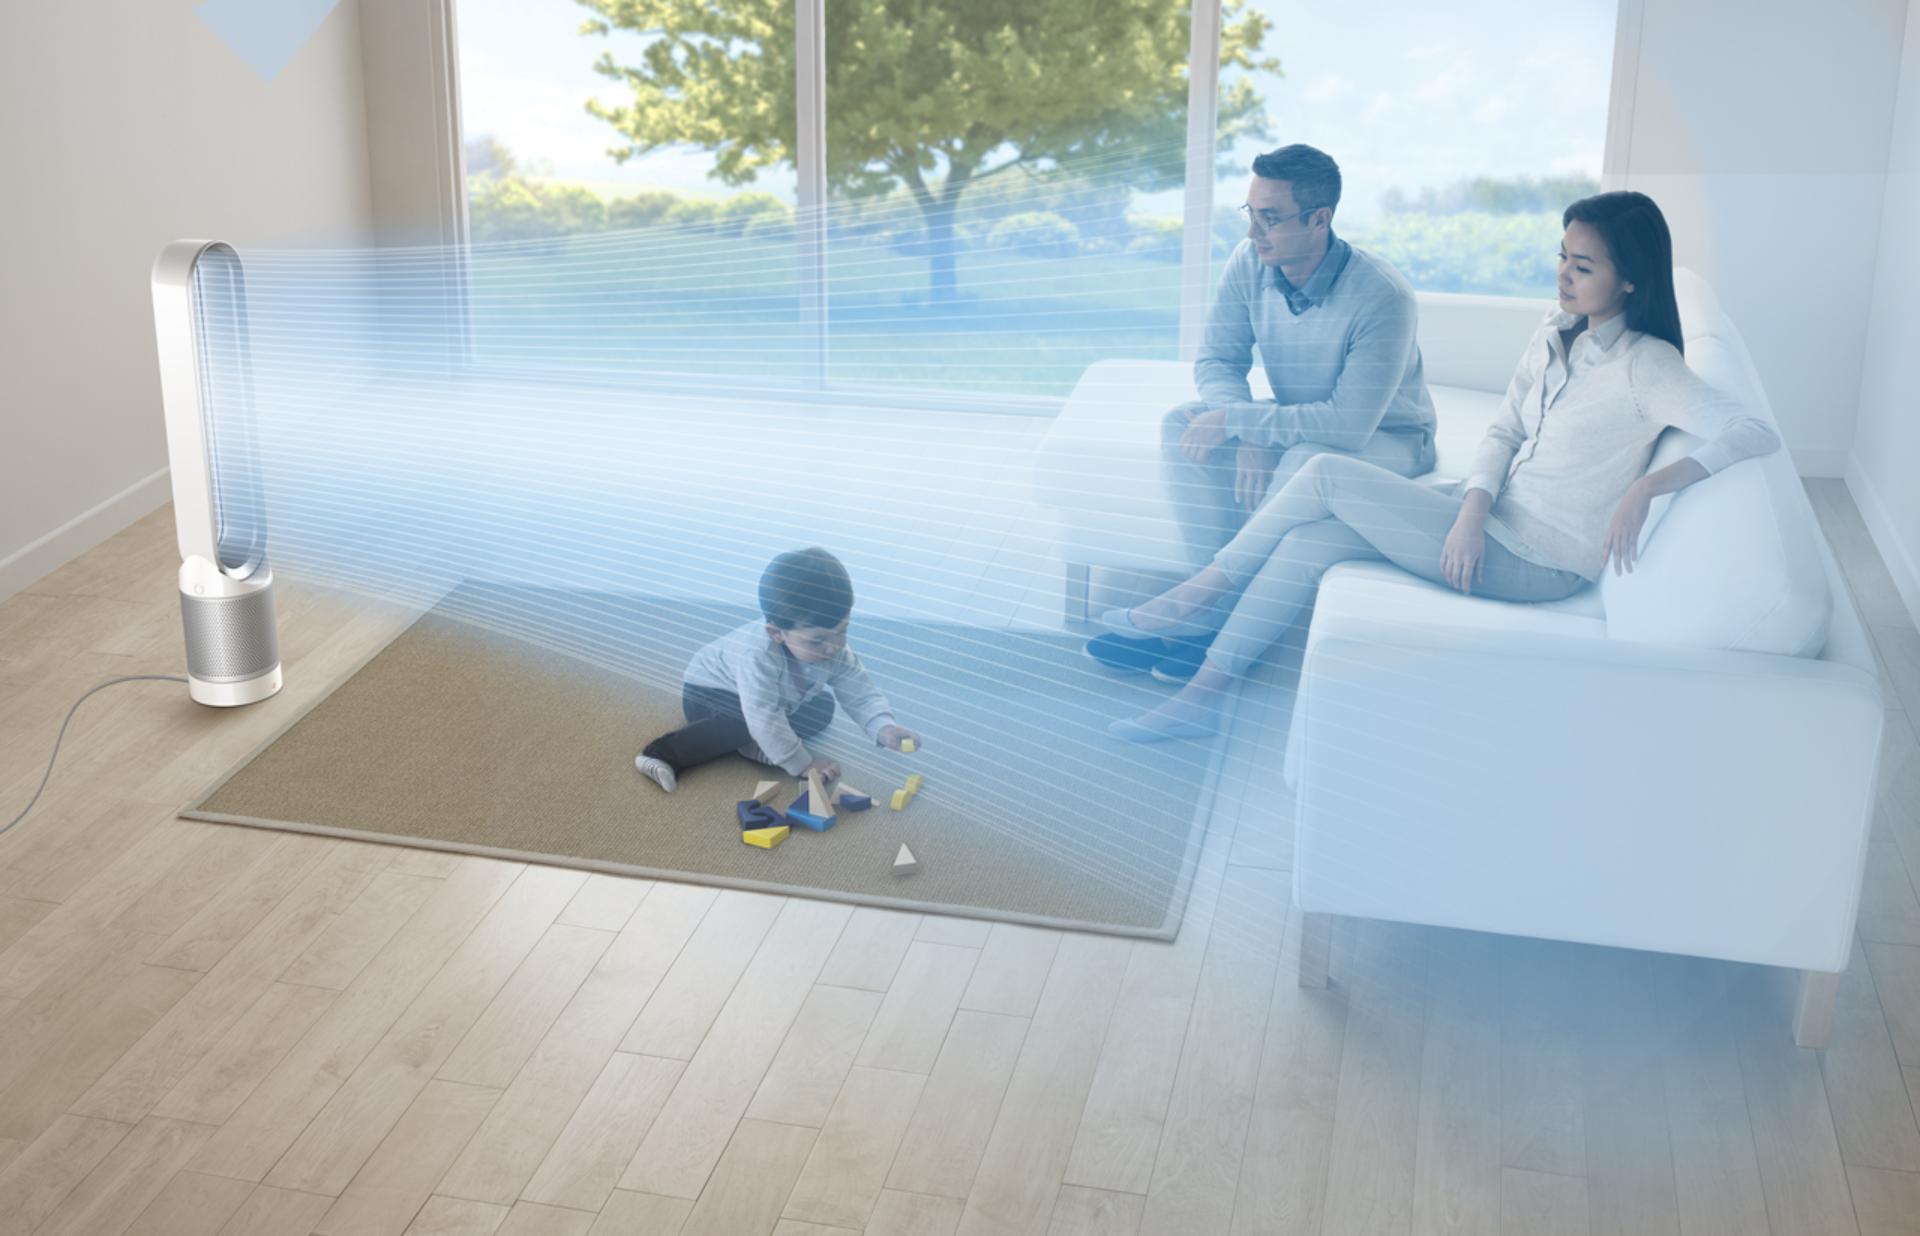 Máy lọc không khí Dyson Pure Cool đang luân chuyển không khí trong phòng sinh hoạt gia đình